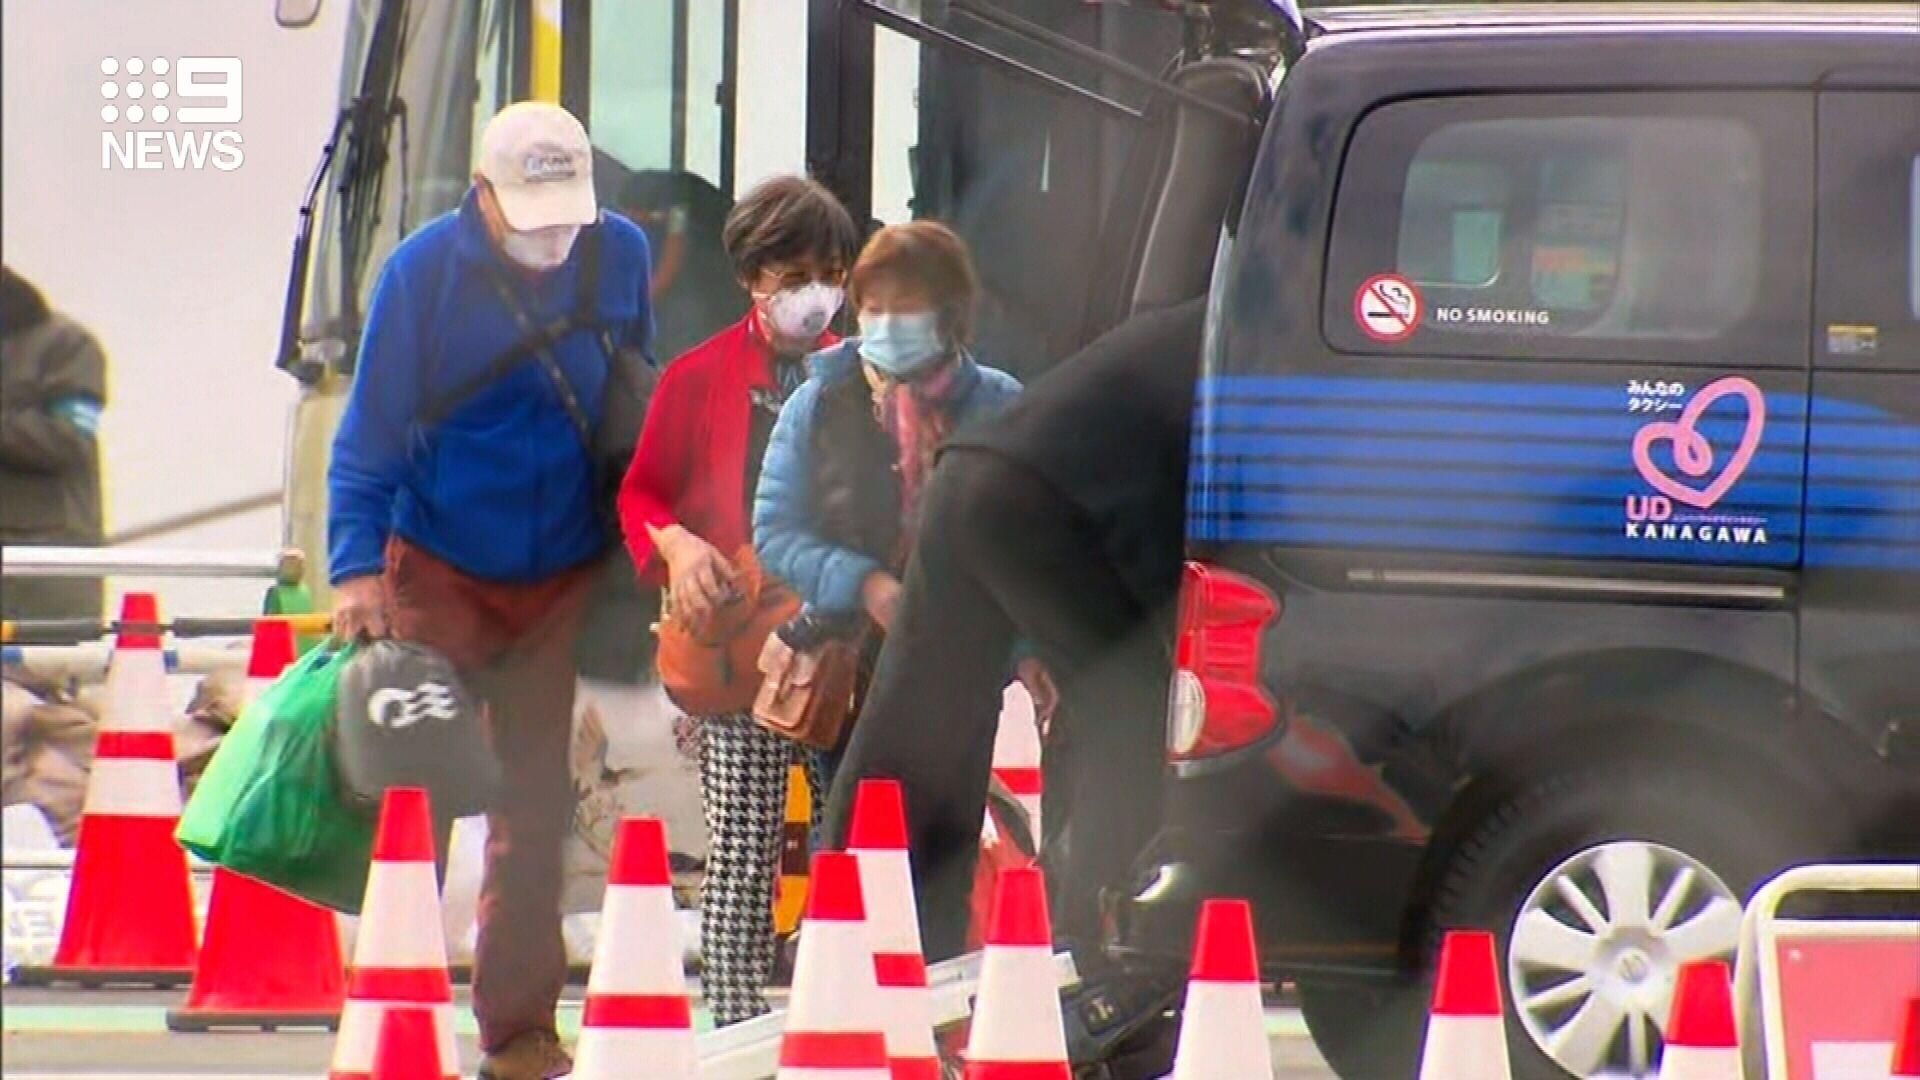 First passengers disembark from coronavirus cruise